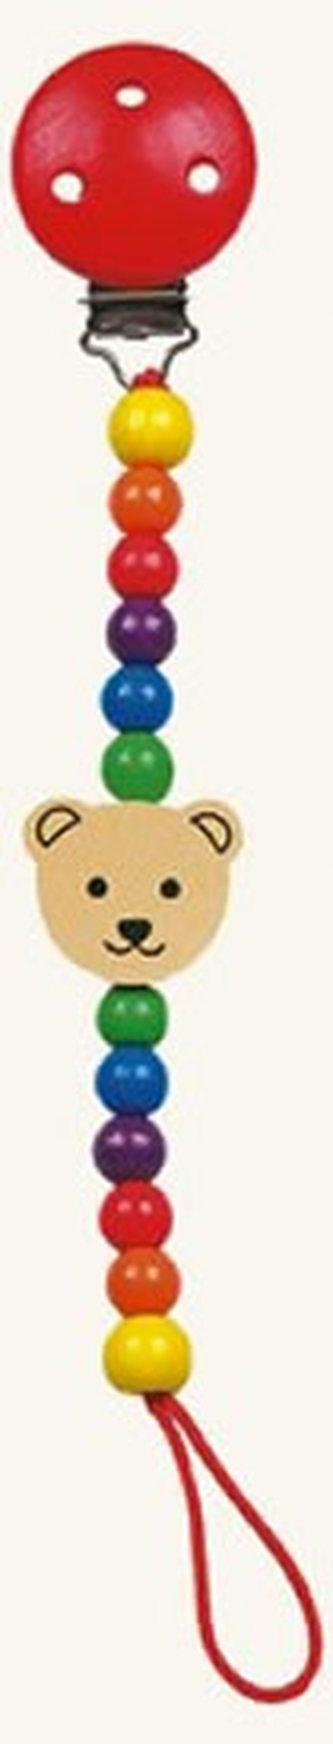 Šnůra na dudlík - medvěd - Pippa